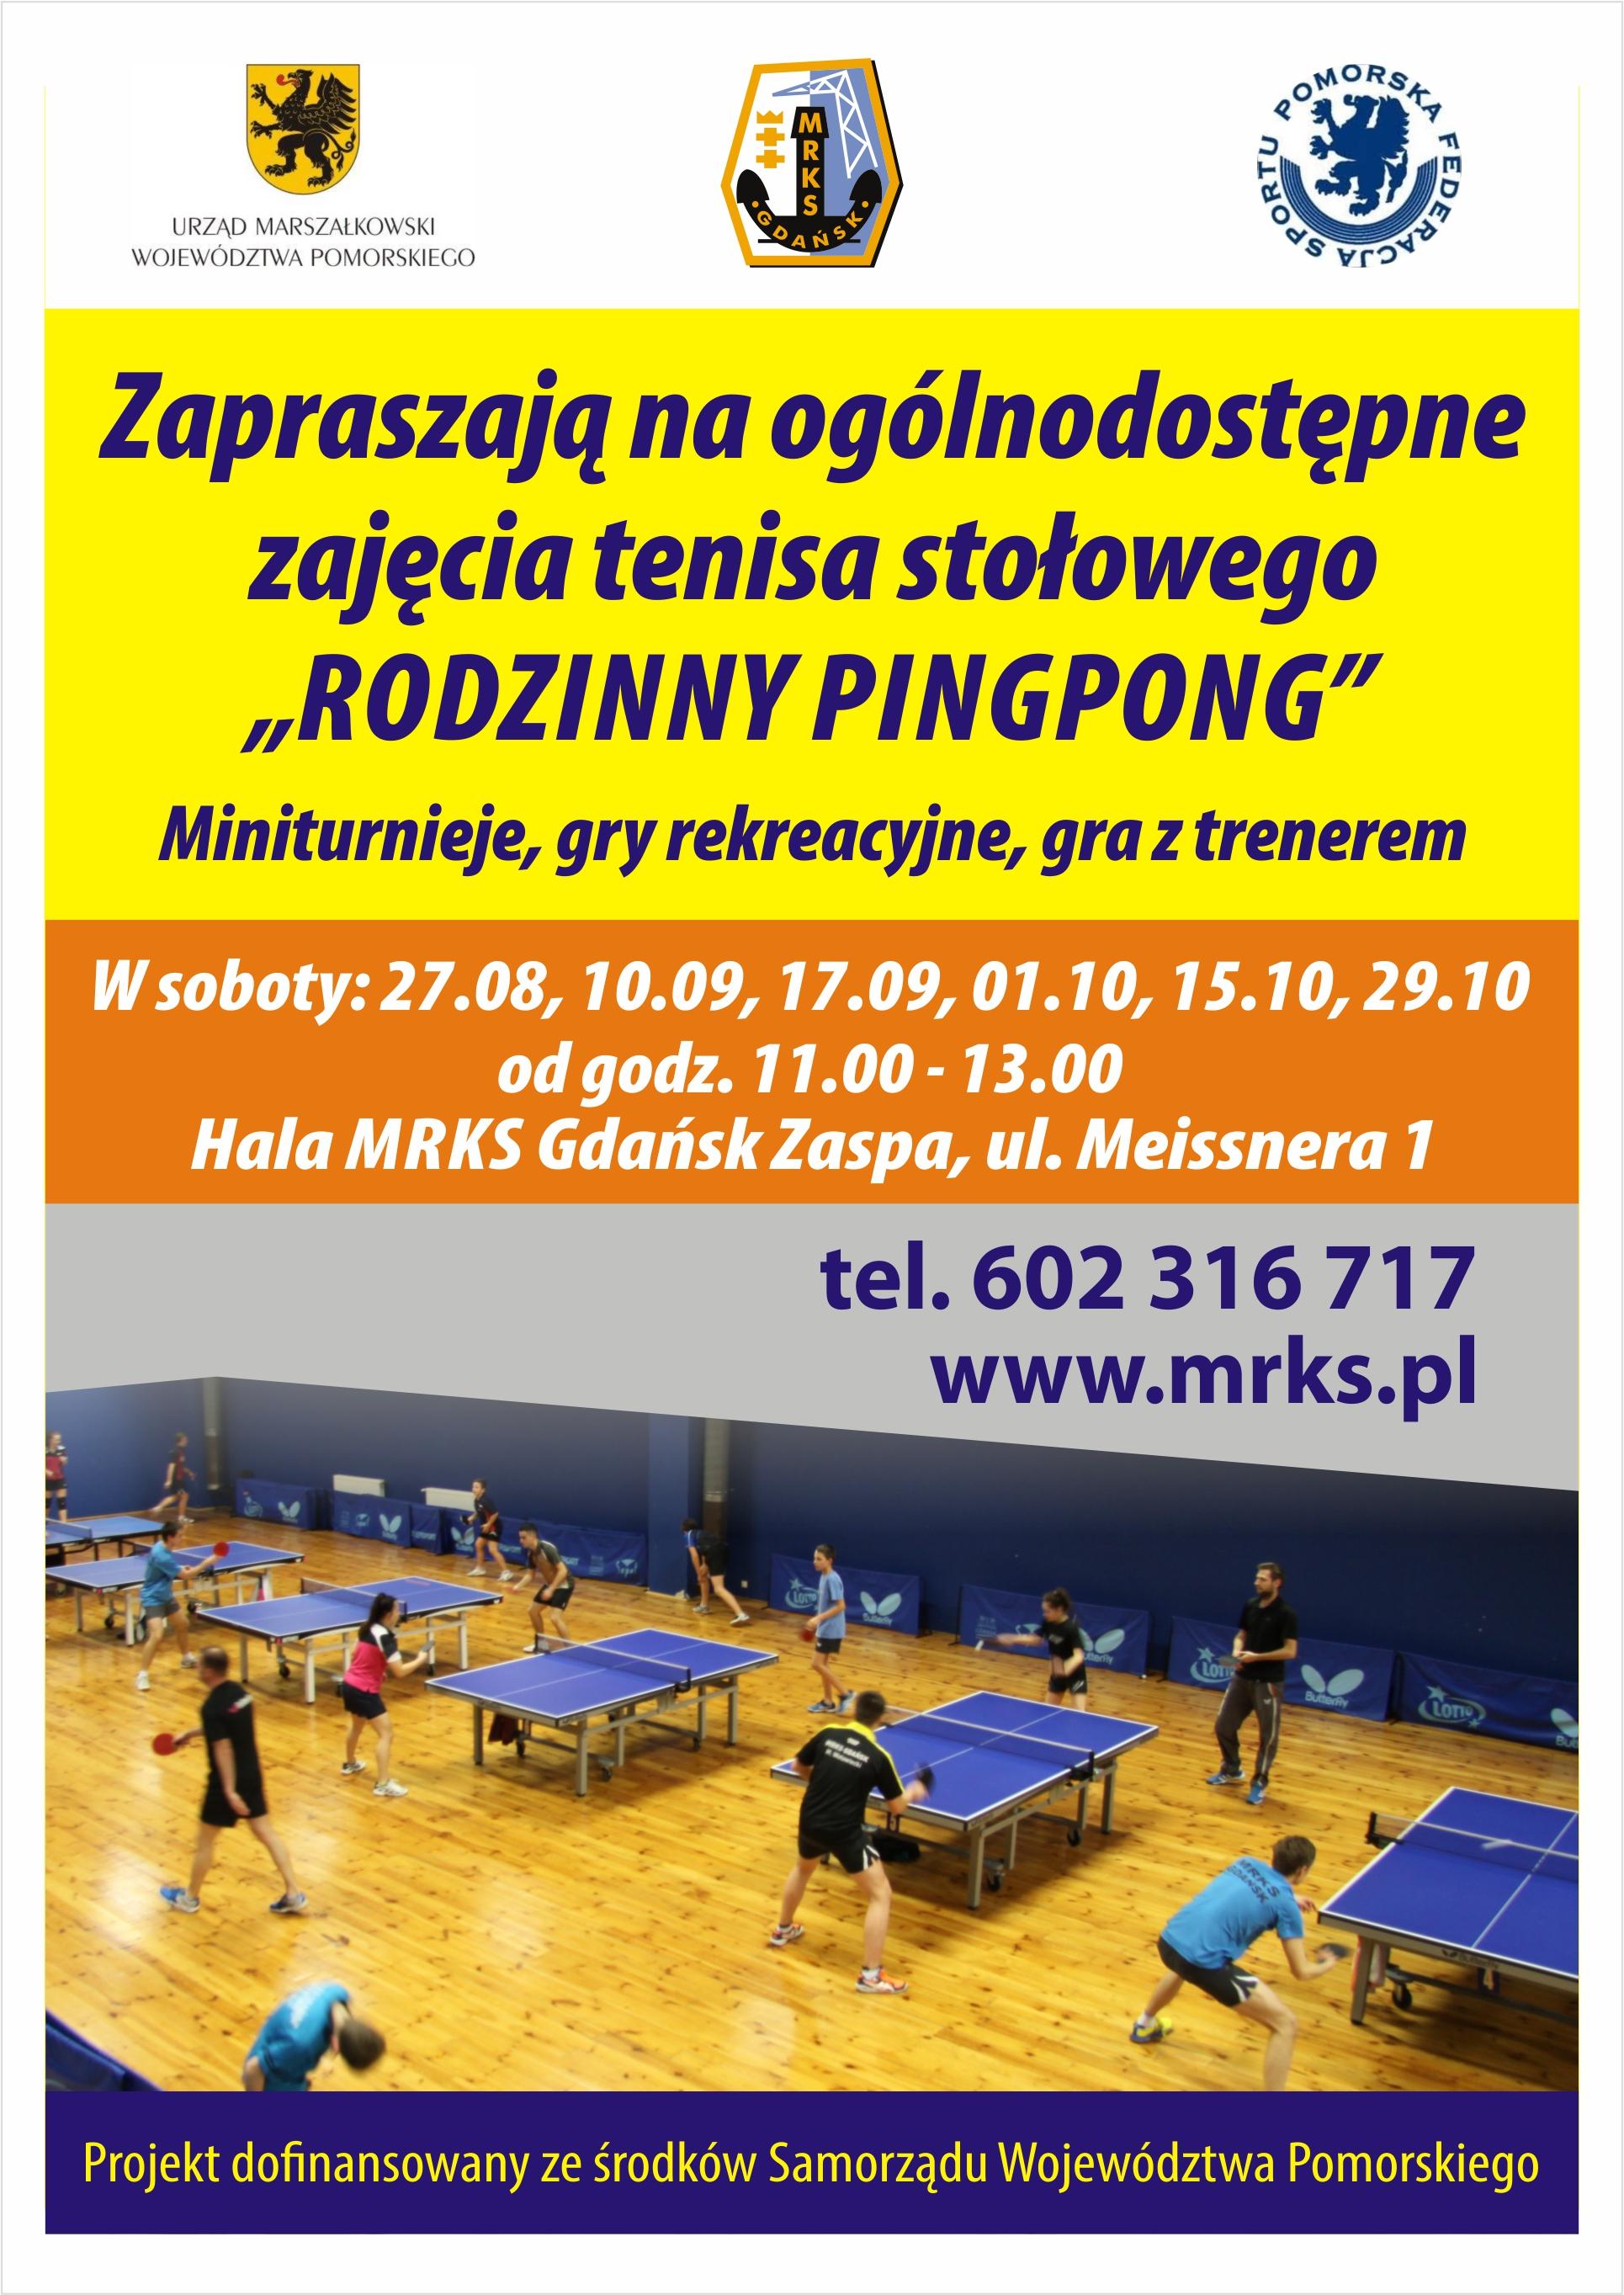 MRKS_Plakat